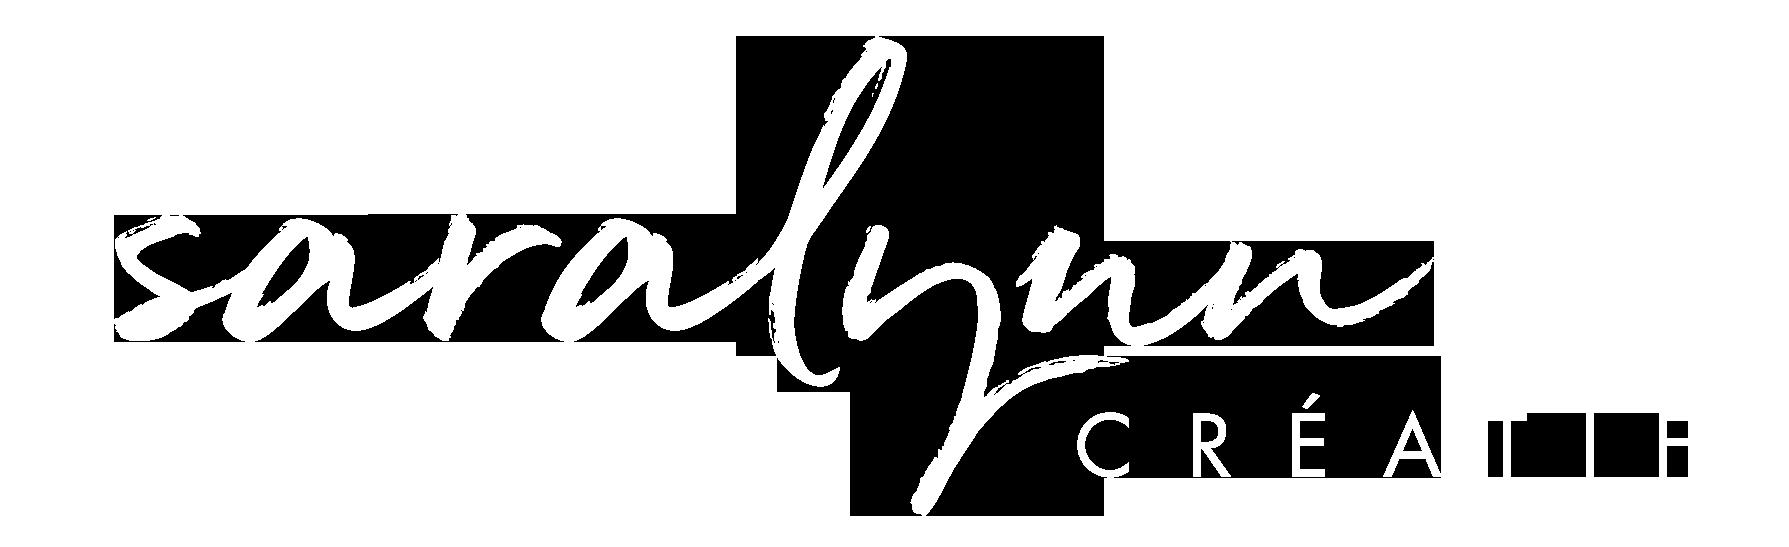 saralynn_logo_web_white.png